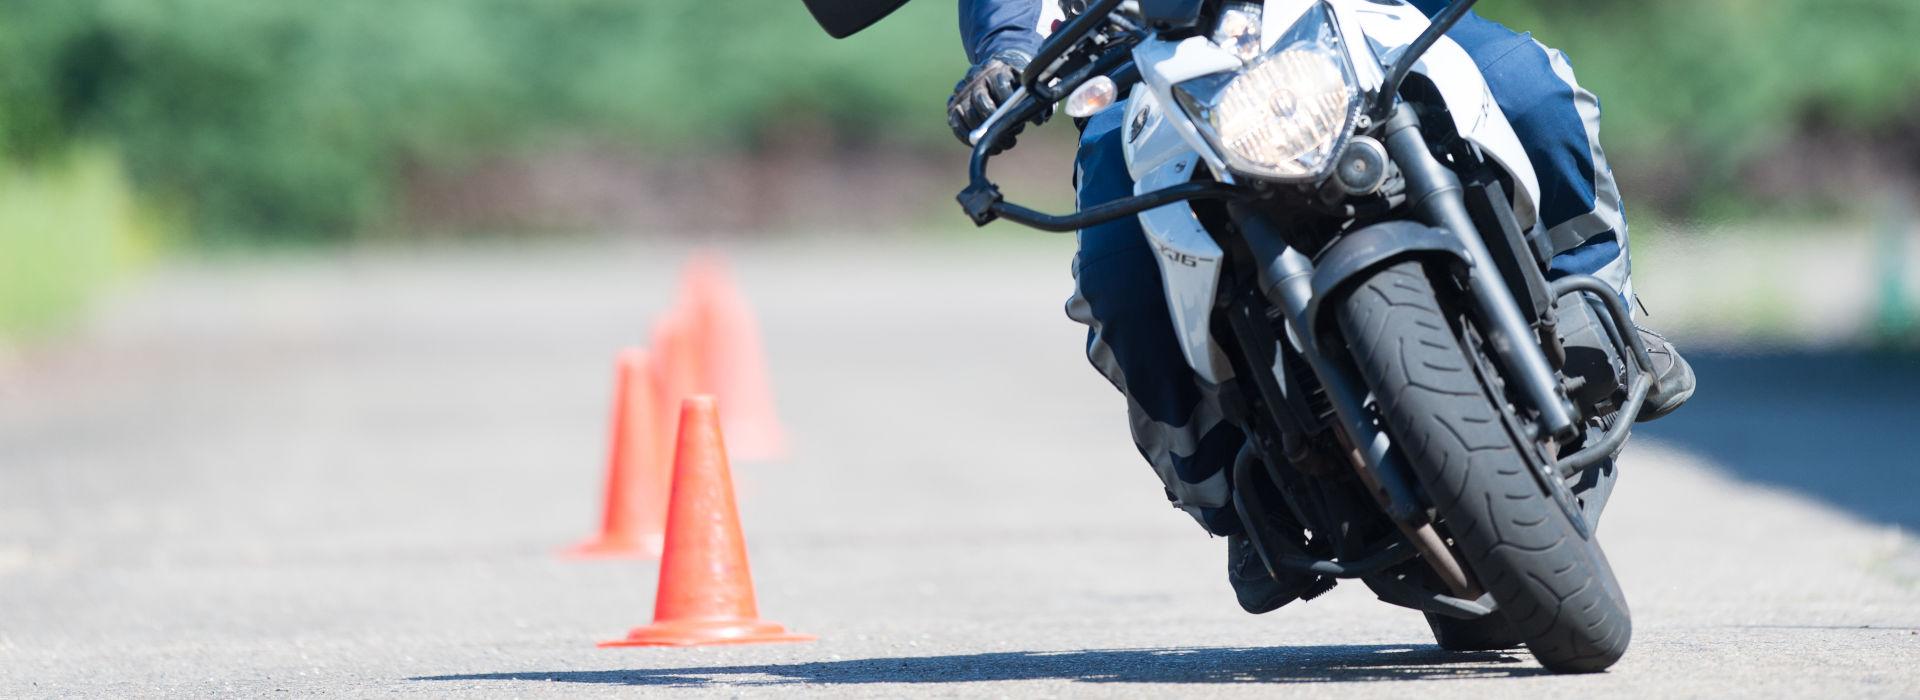 Motorrijbewijspoint Roermond motor rijvaardigheid